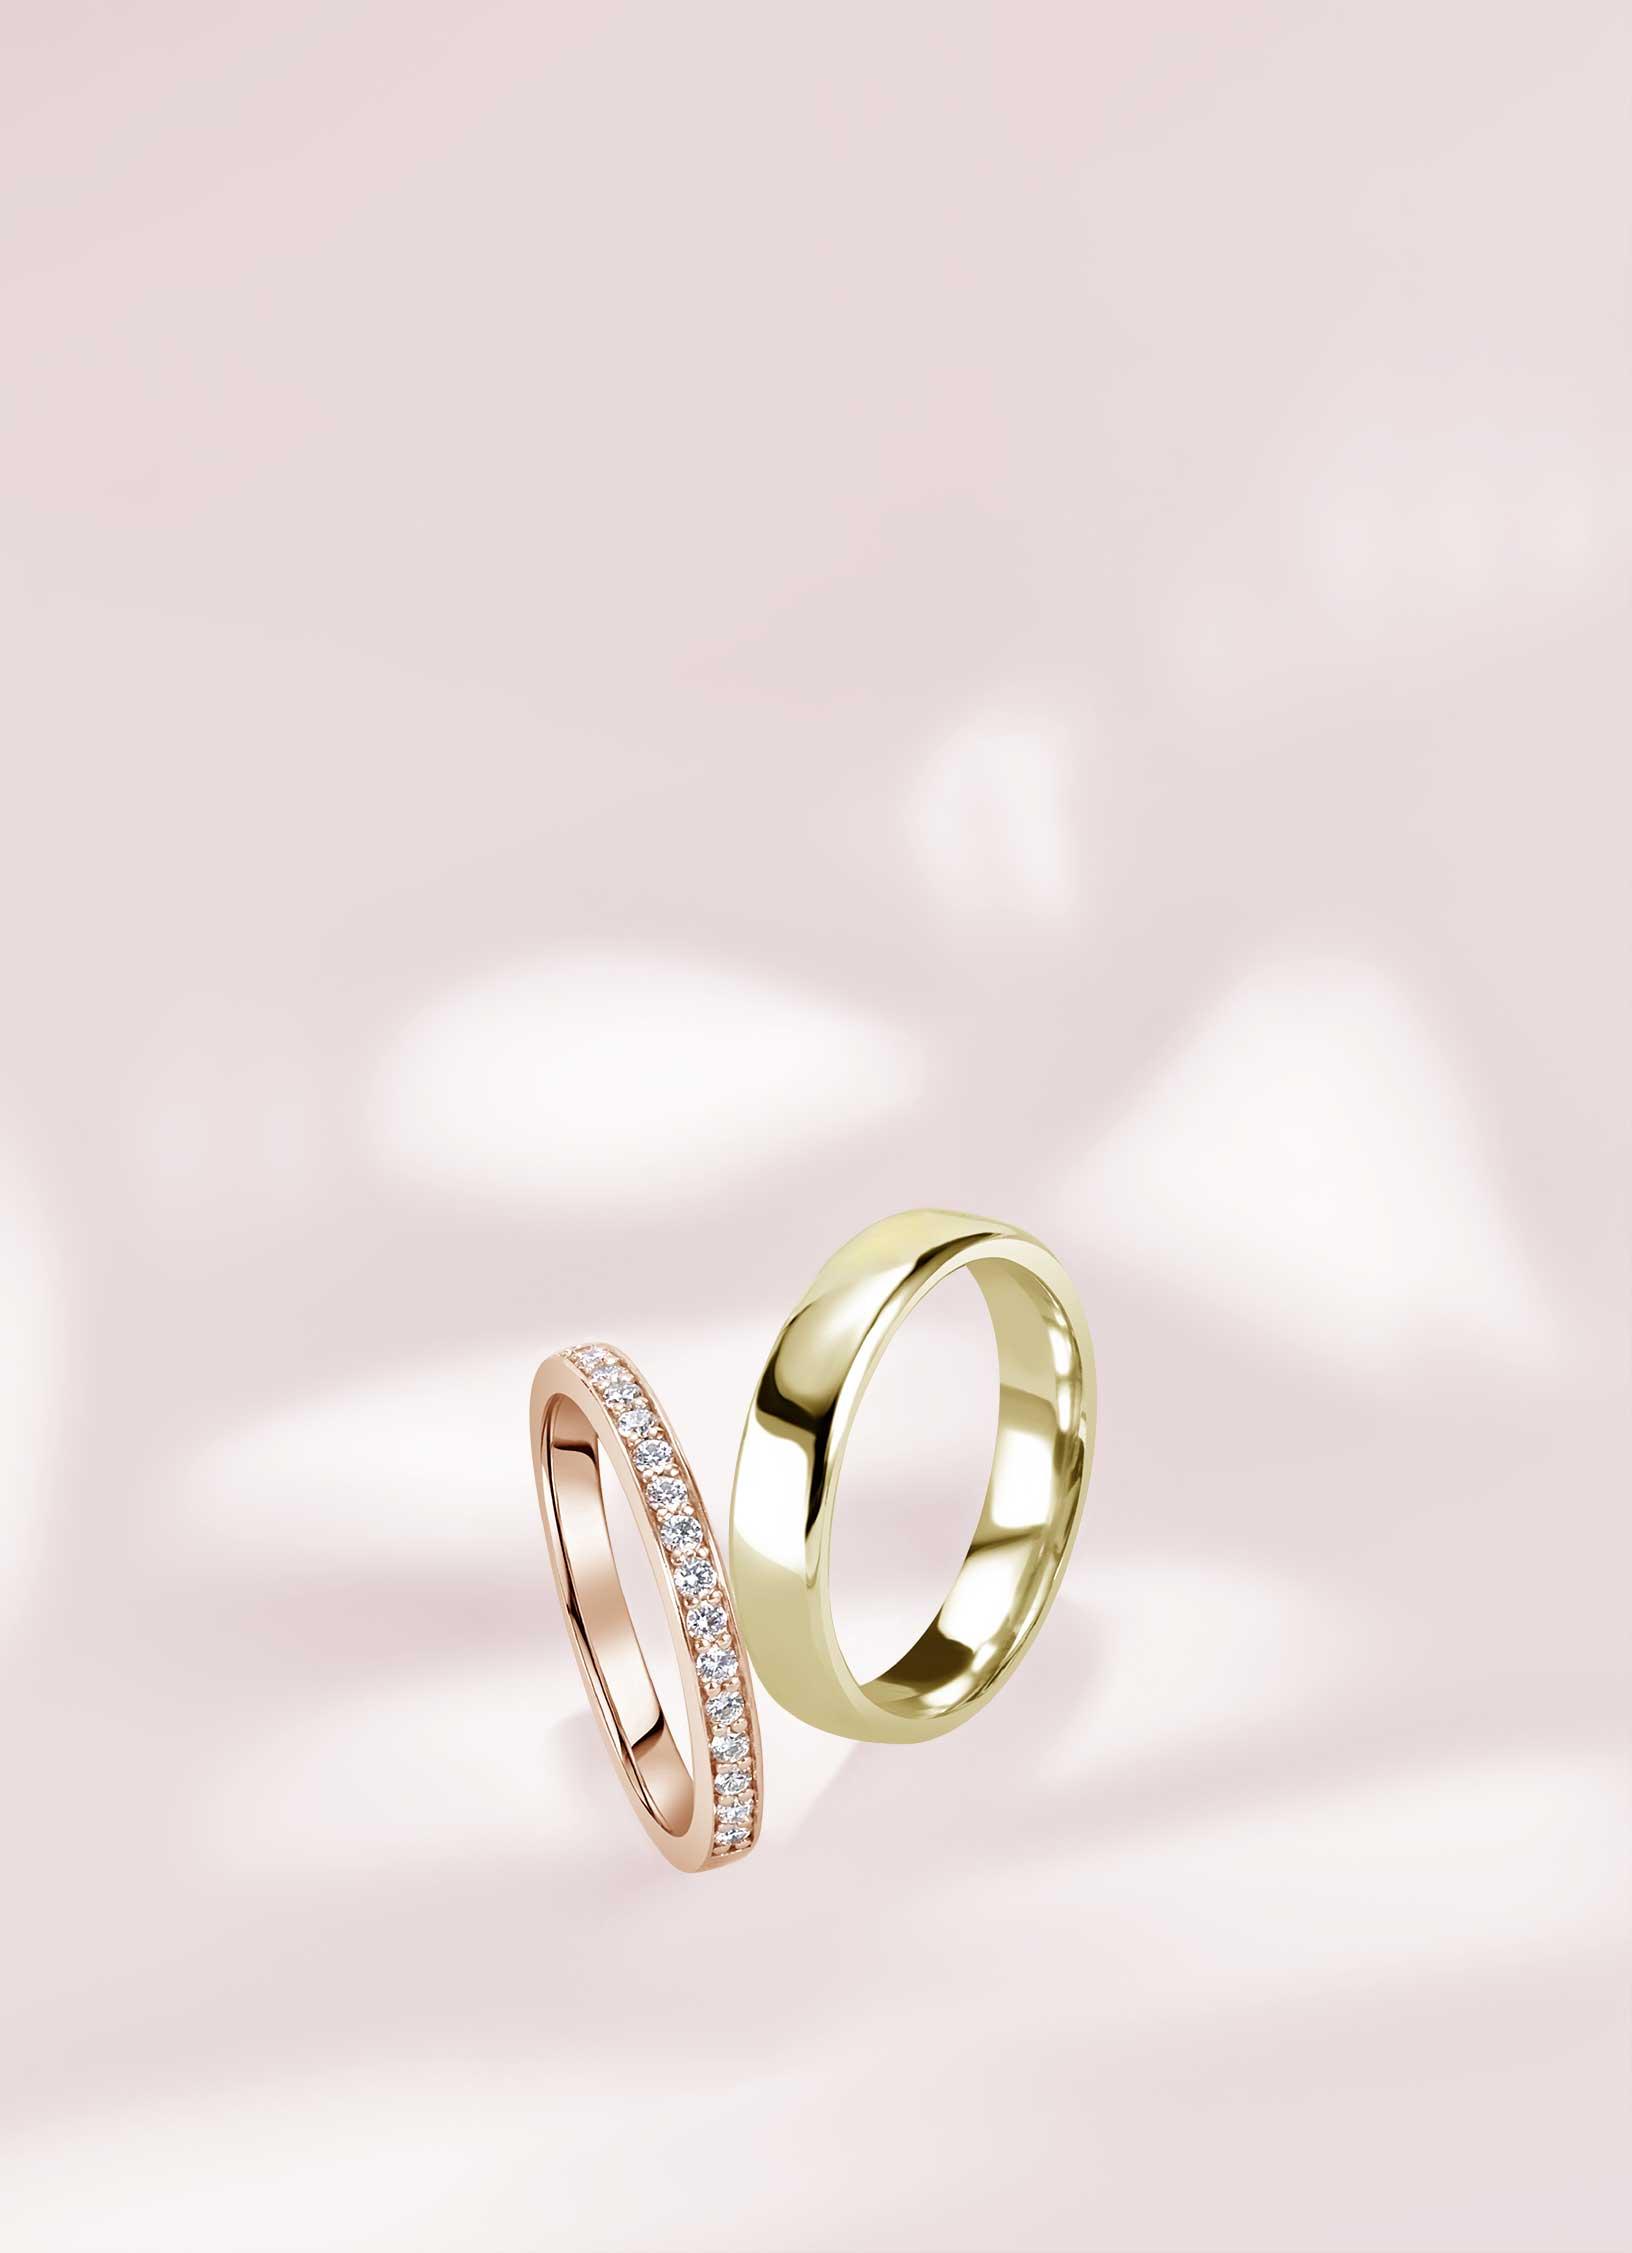 Wedding Rings - Steven Stone